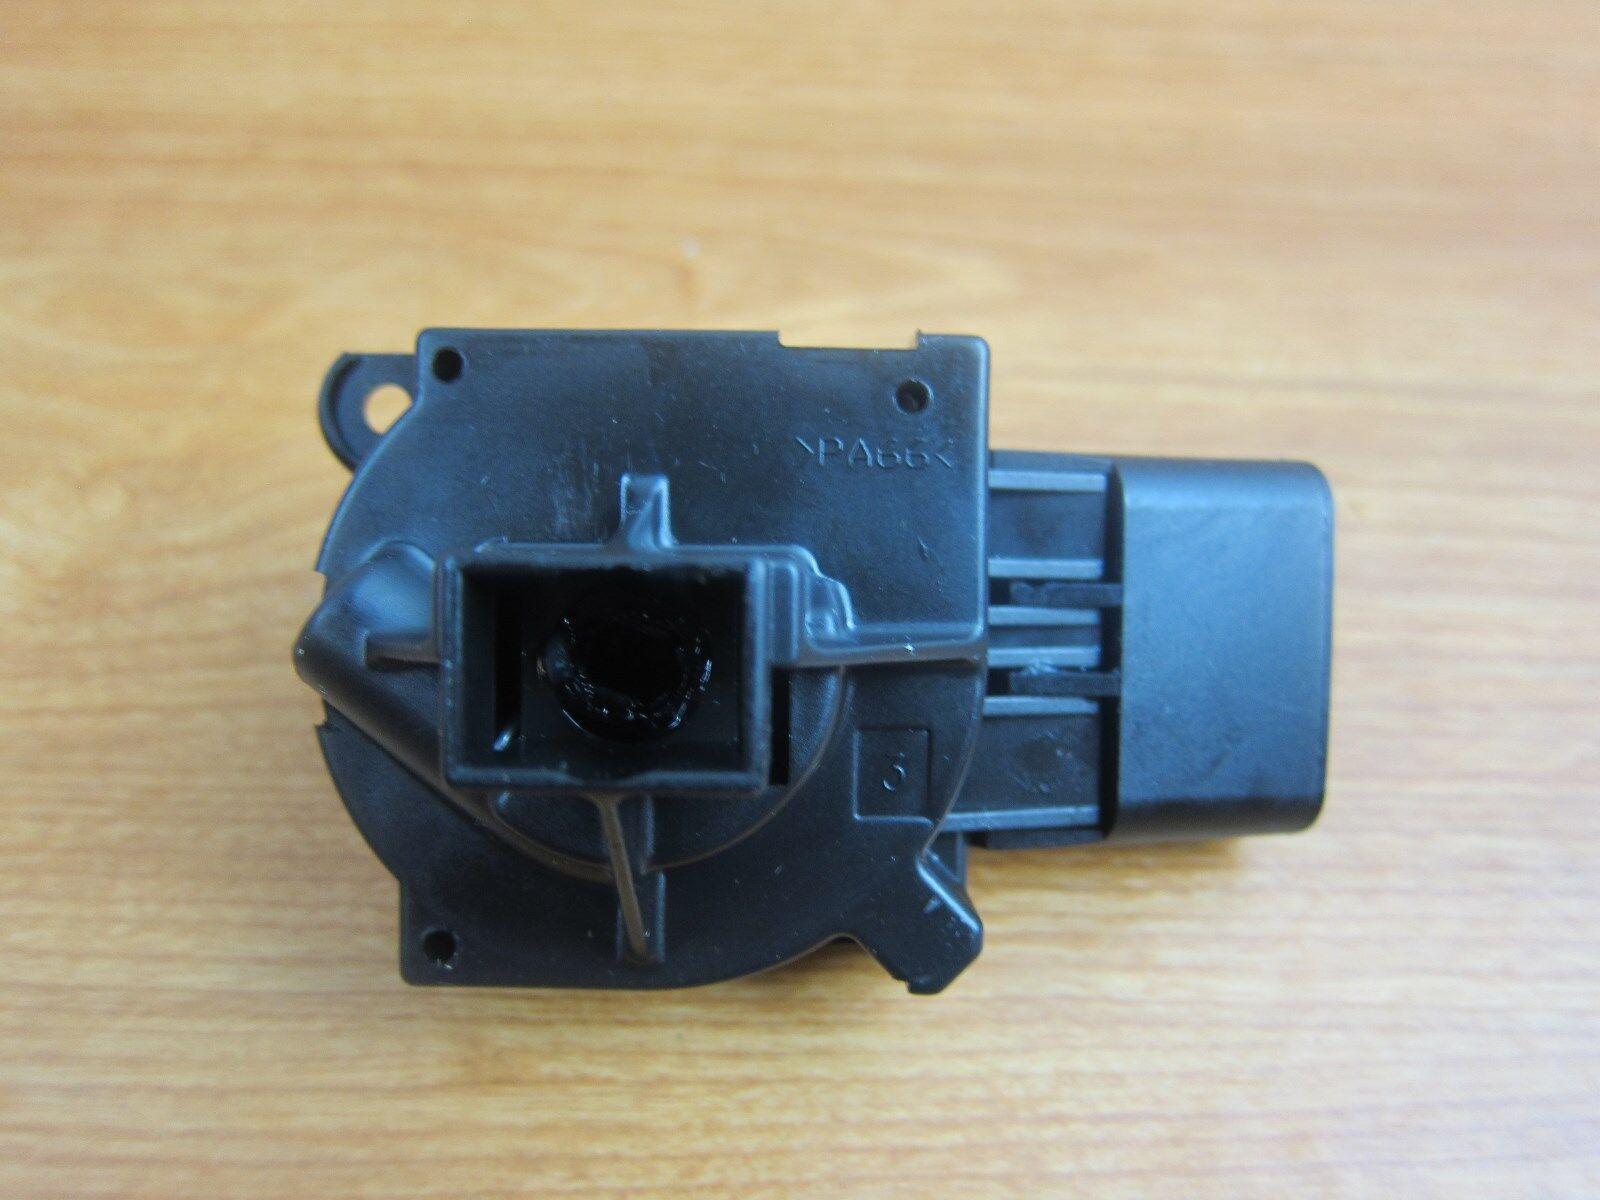 R Mopar 4685719AI Ignition Switch Kit-VIN